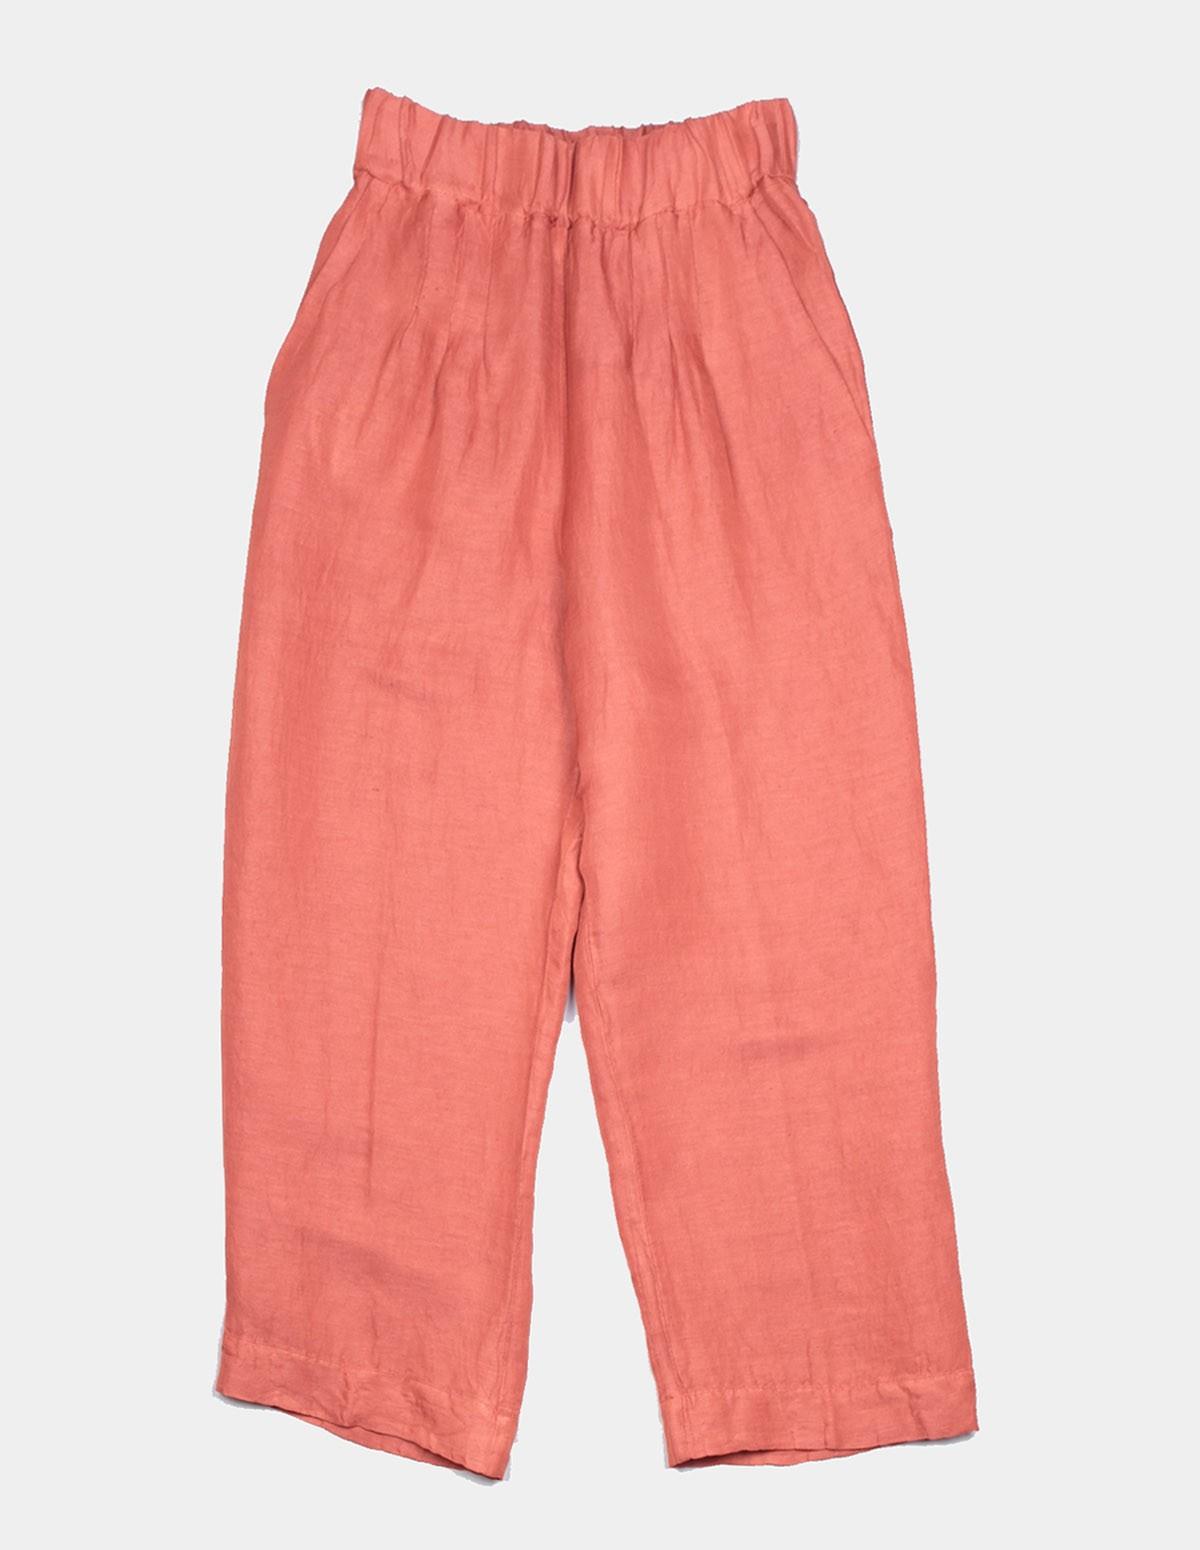 Pom 7142f/50764 Pants - 14 TERRACOTA